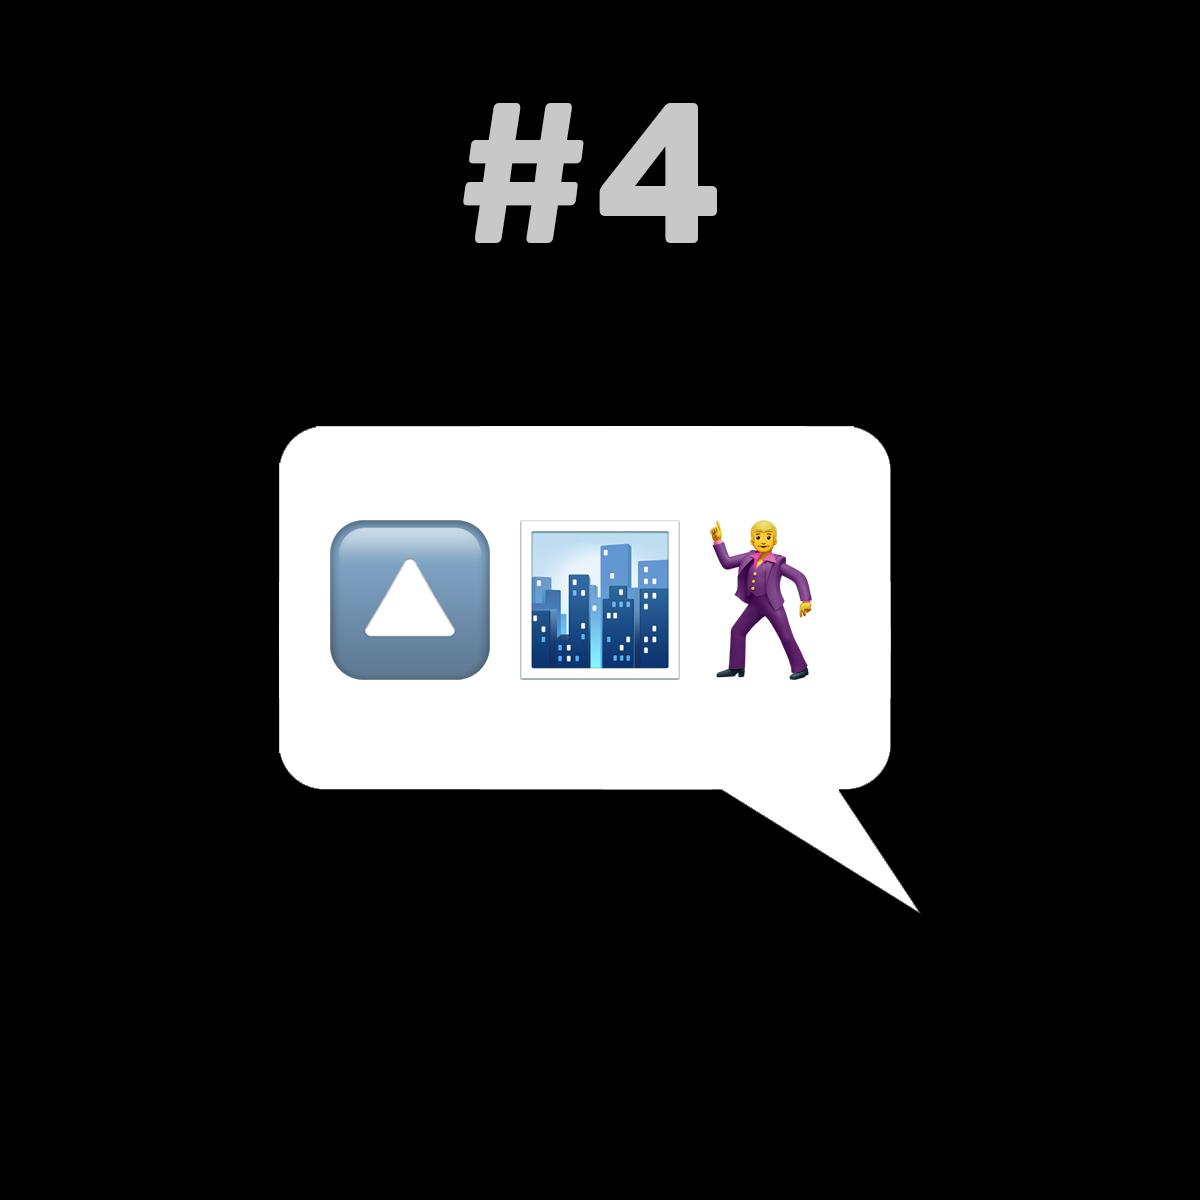 Songtitel in Emojis dargestellt emojibands_04